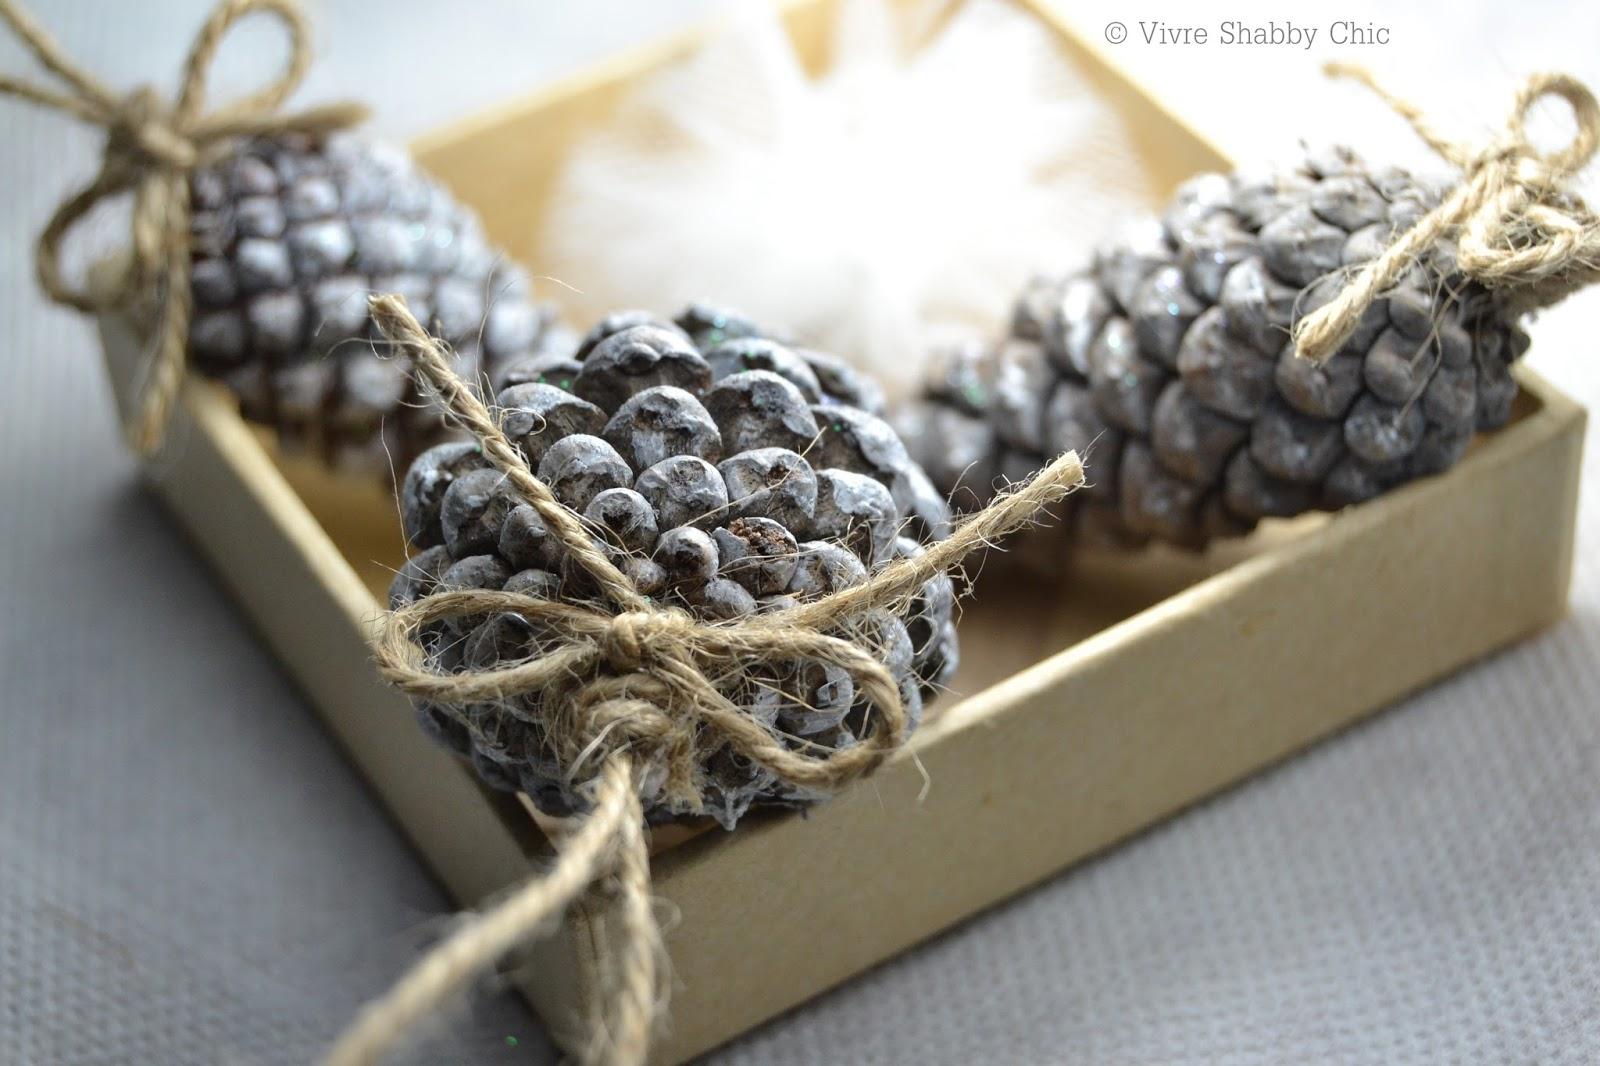 Vivre shabby chic calendario dell 39 avvento progetto - Decorazioni natalizie con le pigne ...